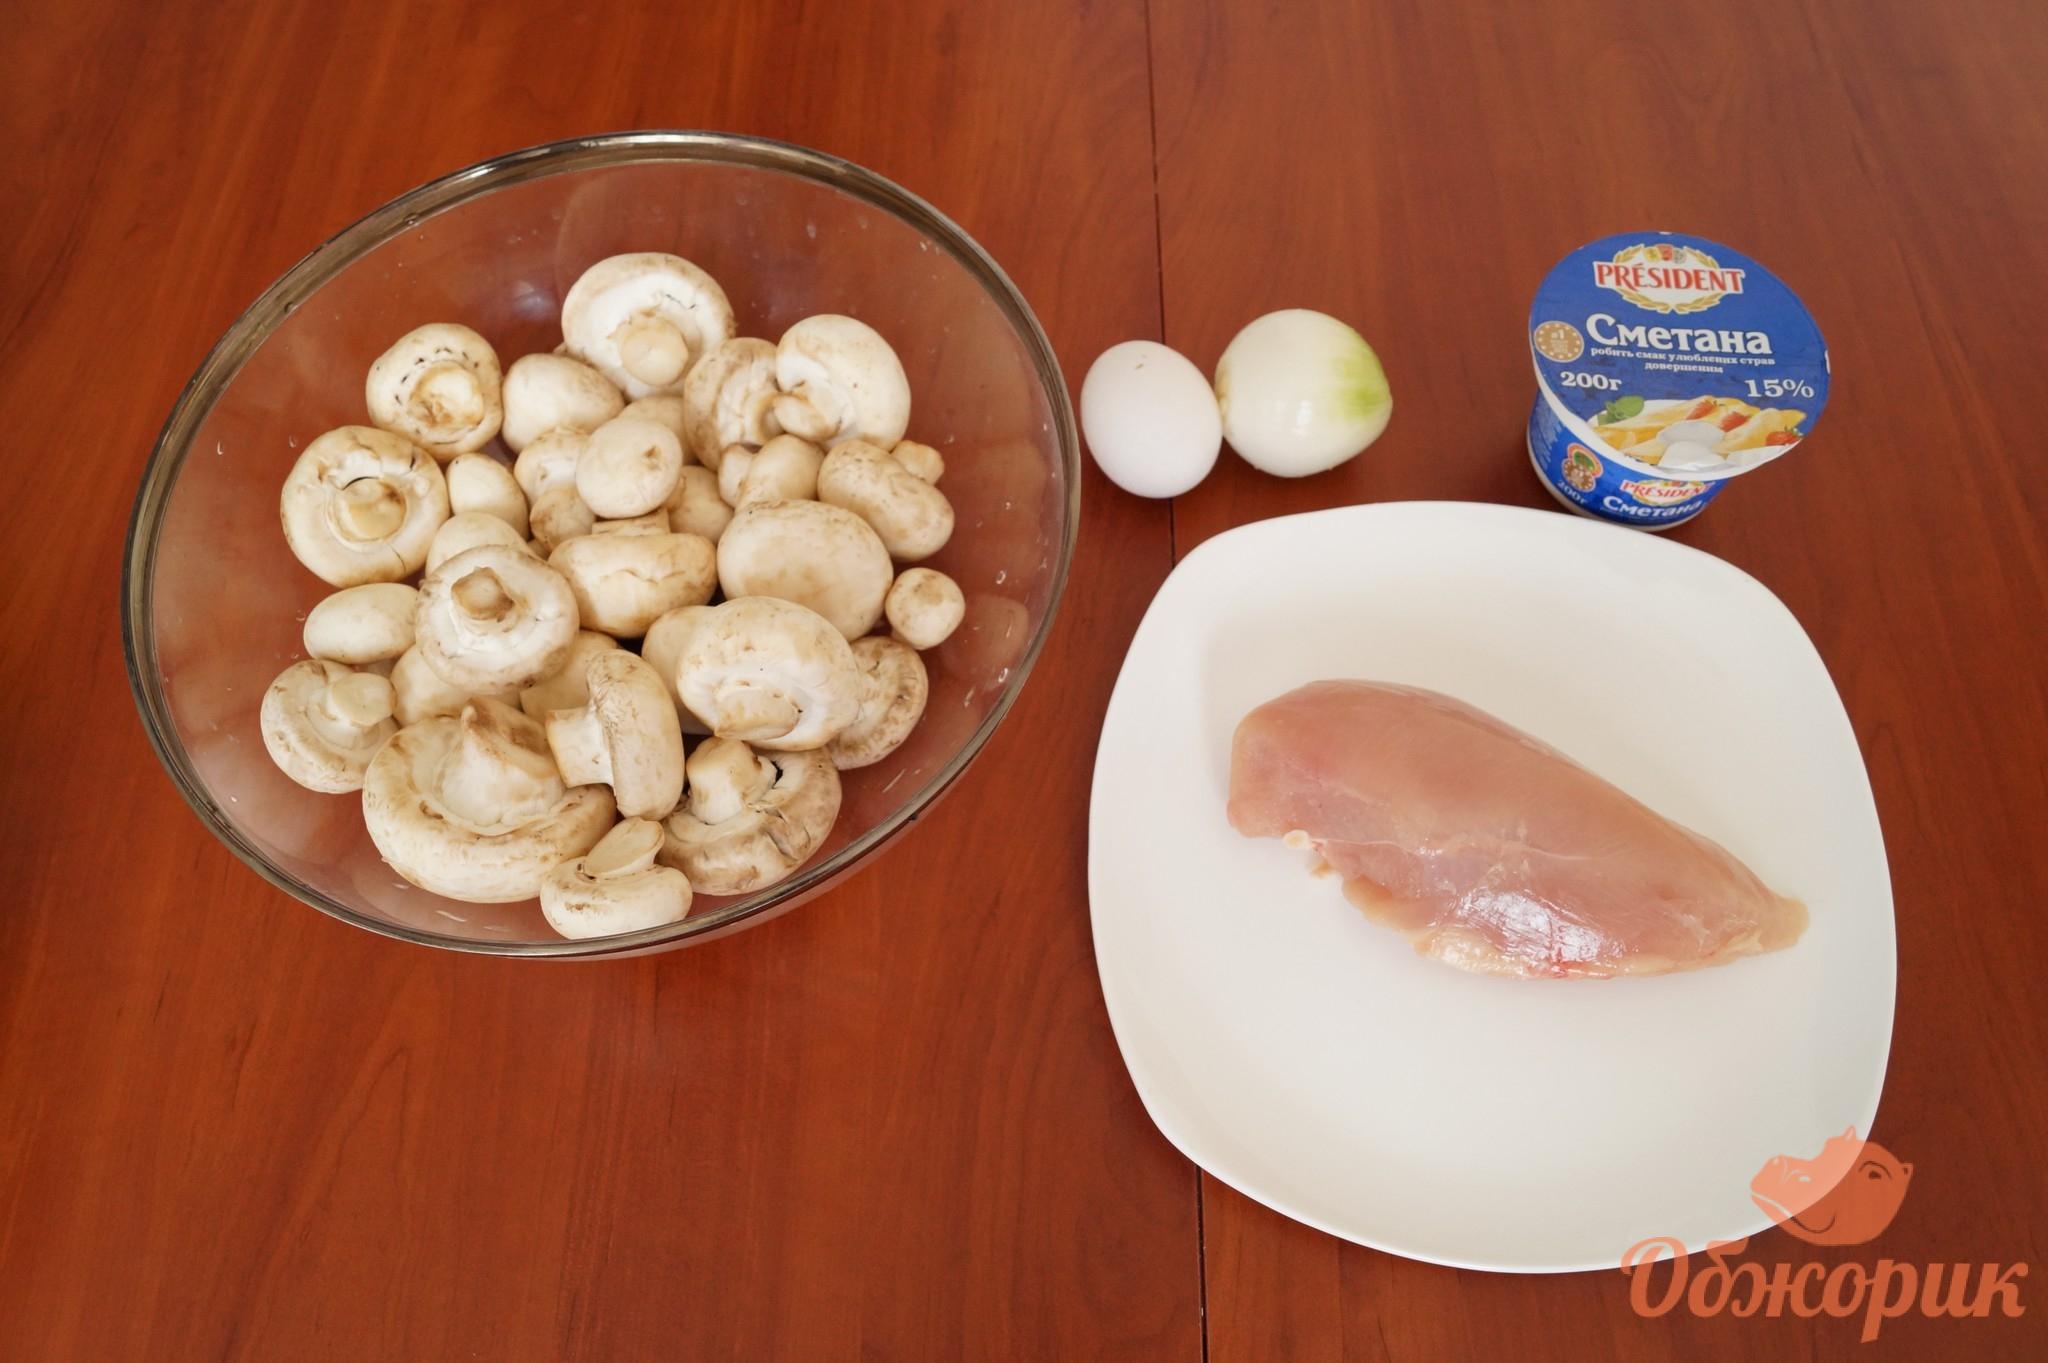 Хаш по-армянски рецепт с фото видео